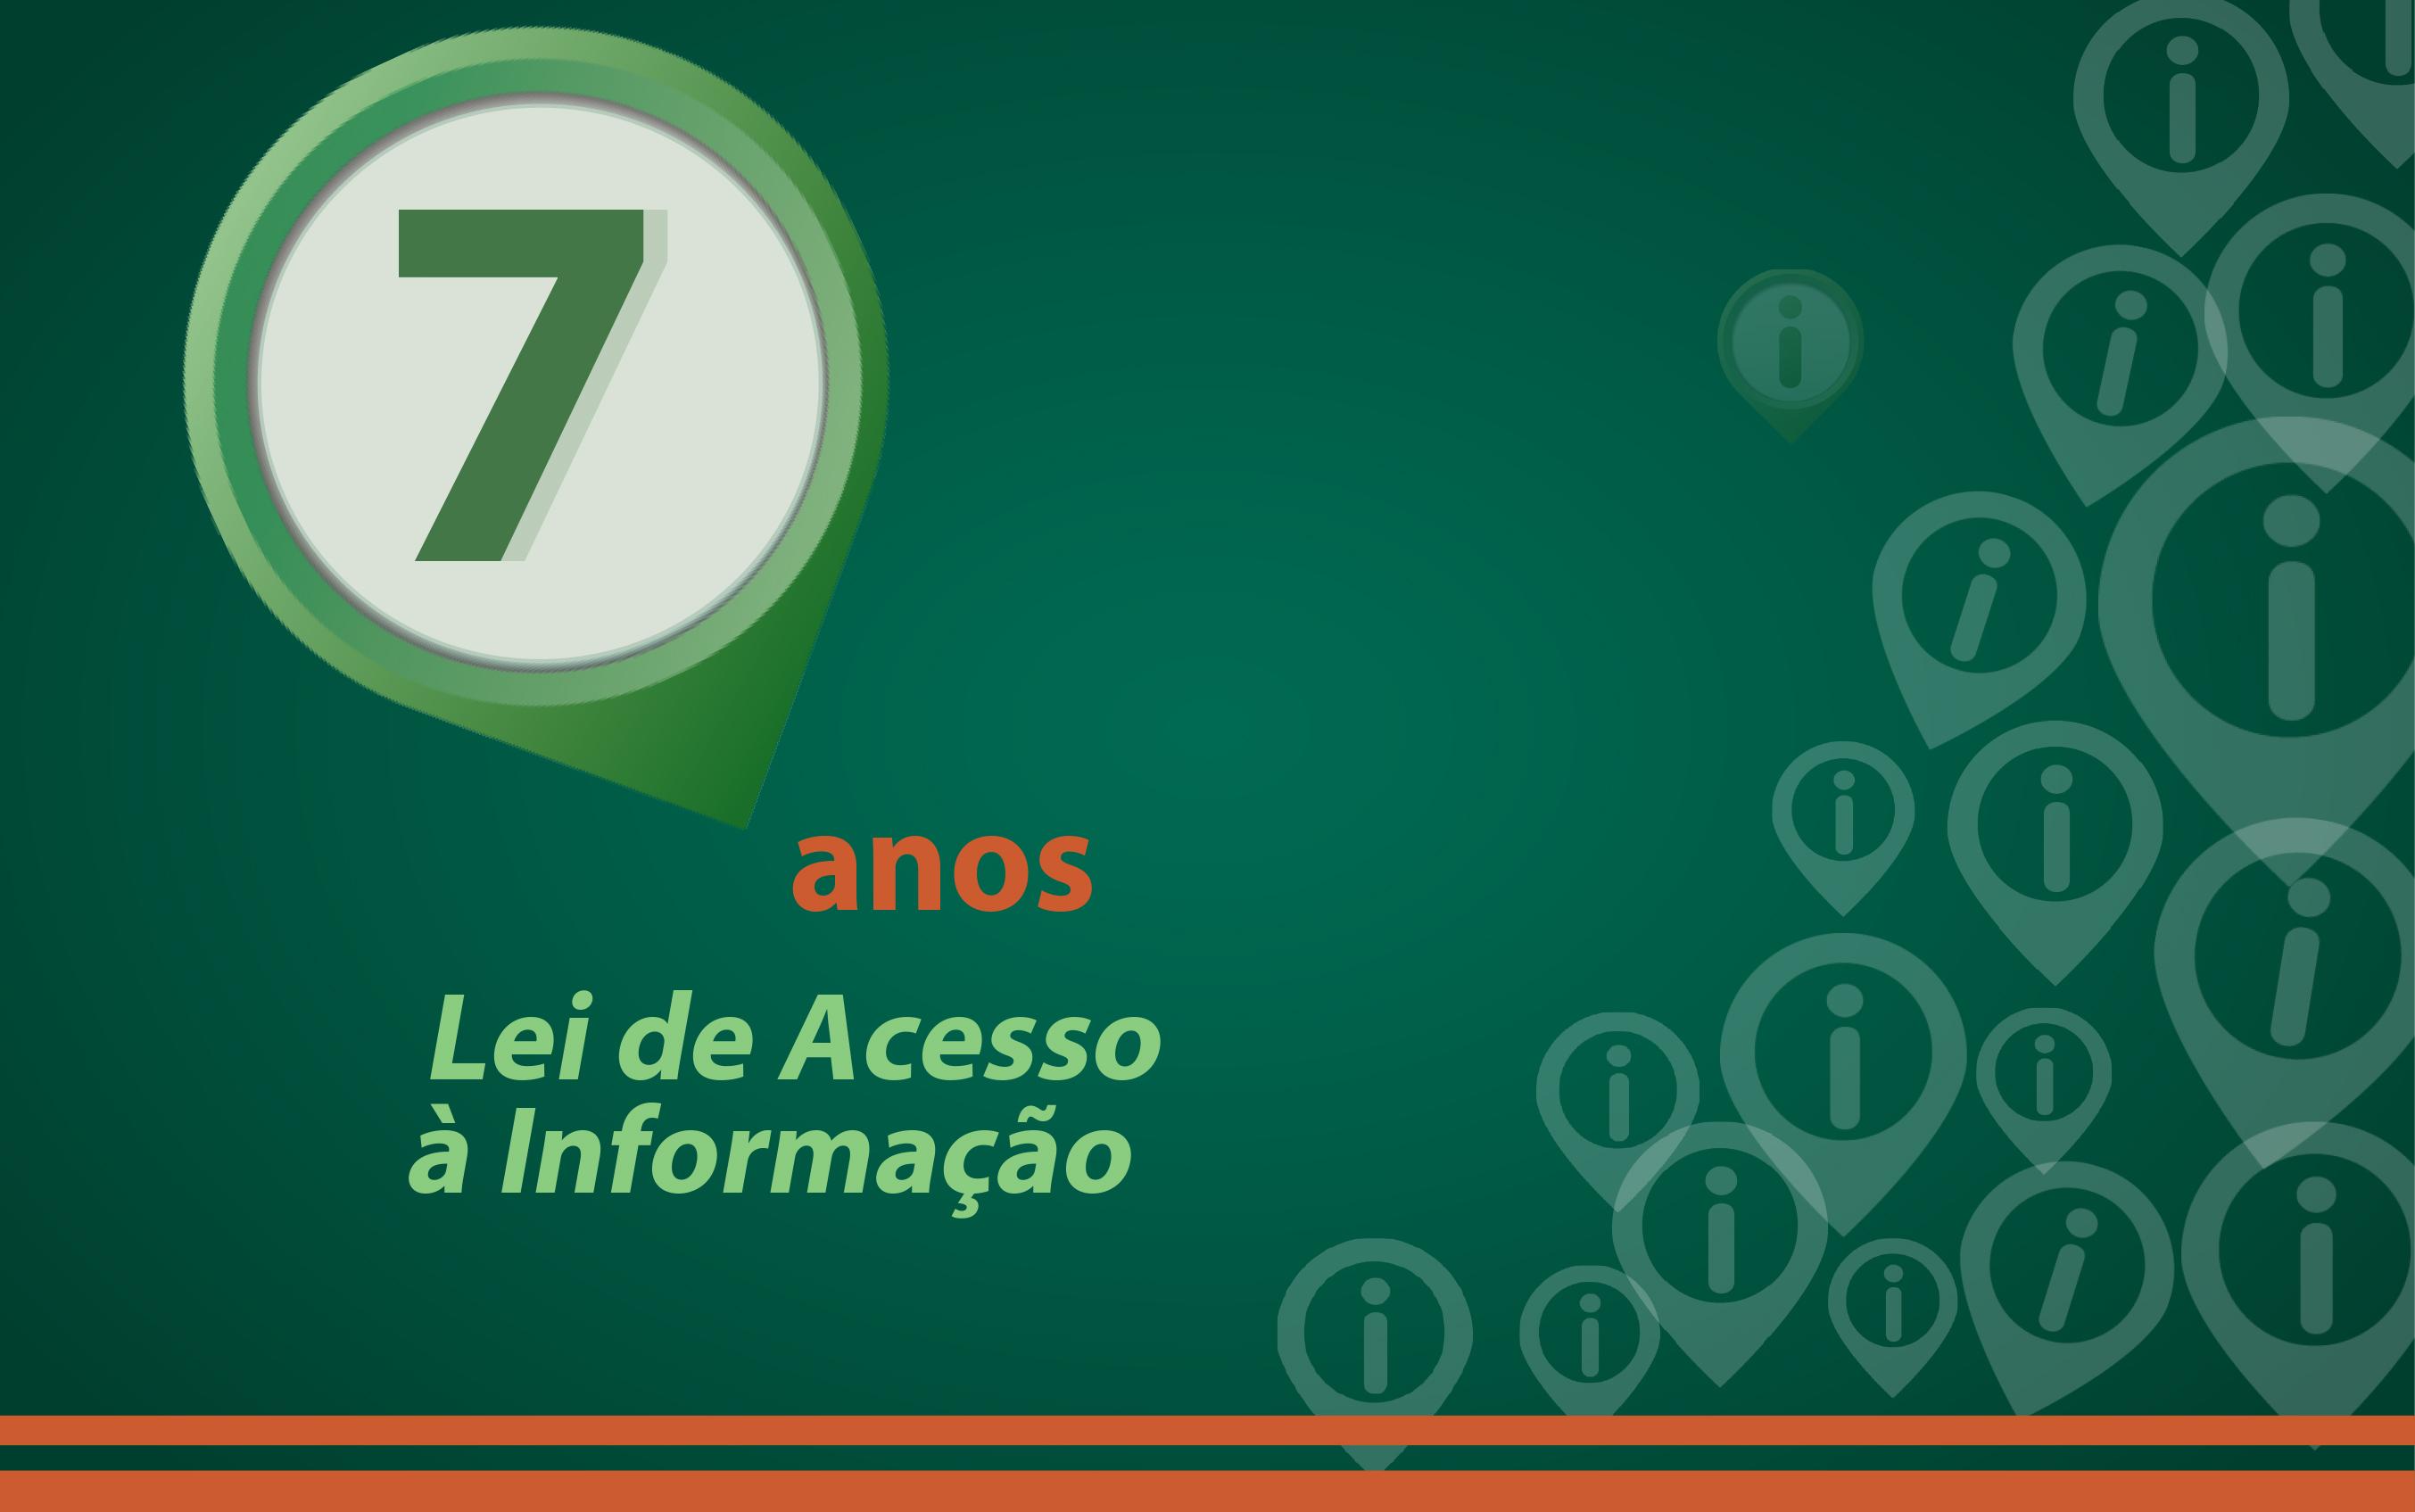 Sete anos da Lei de Acesso à Informação: Ceará é referência em transparência pública